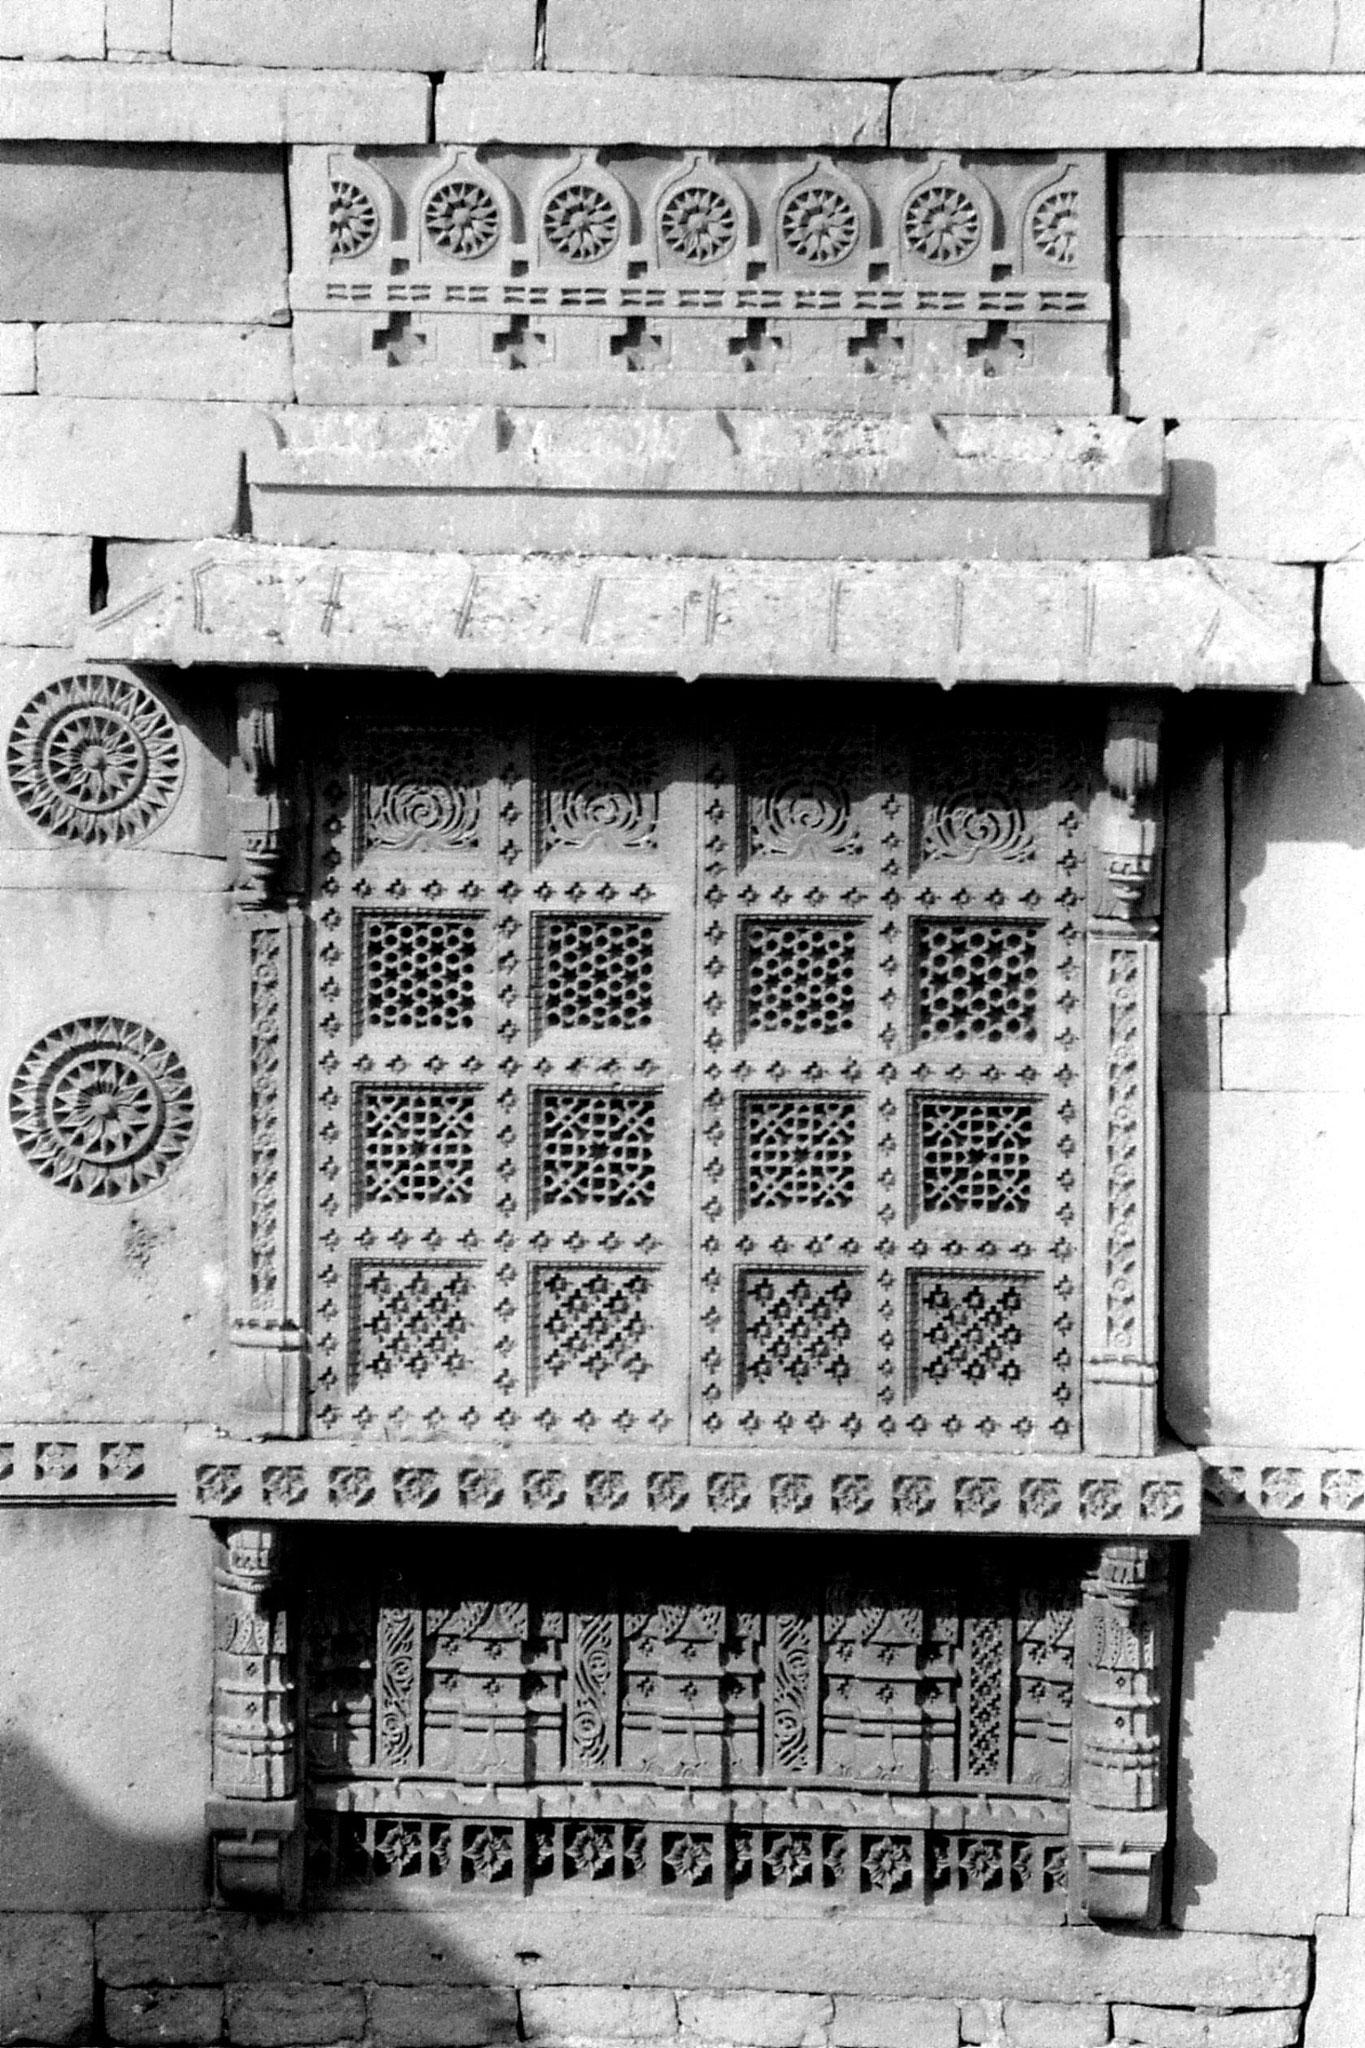 2/12/1989: 8: Jaisalmer